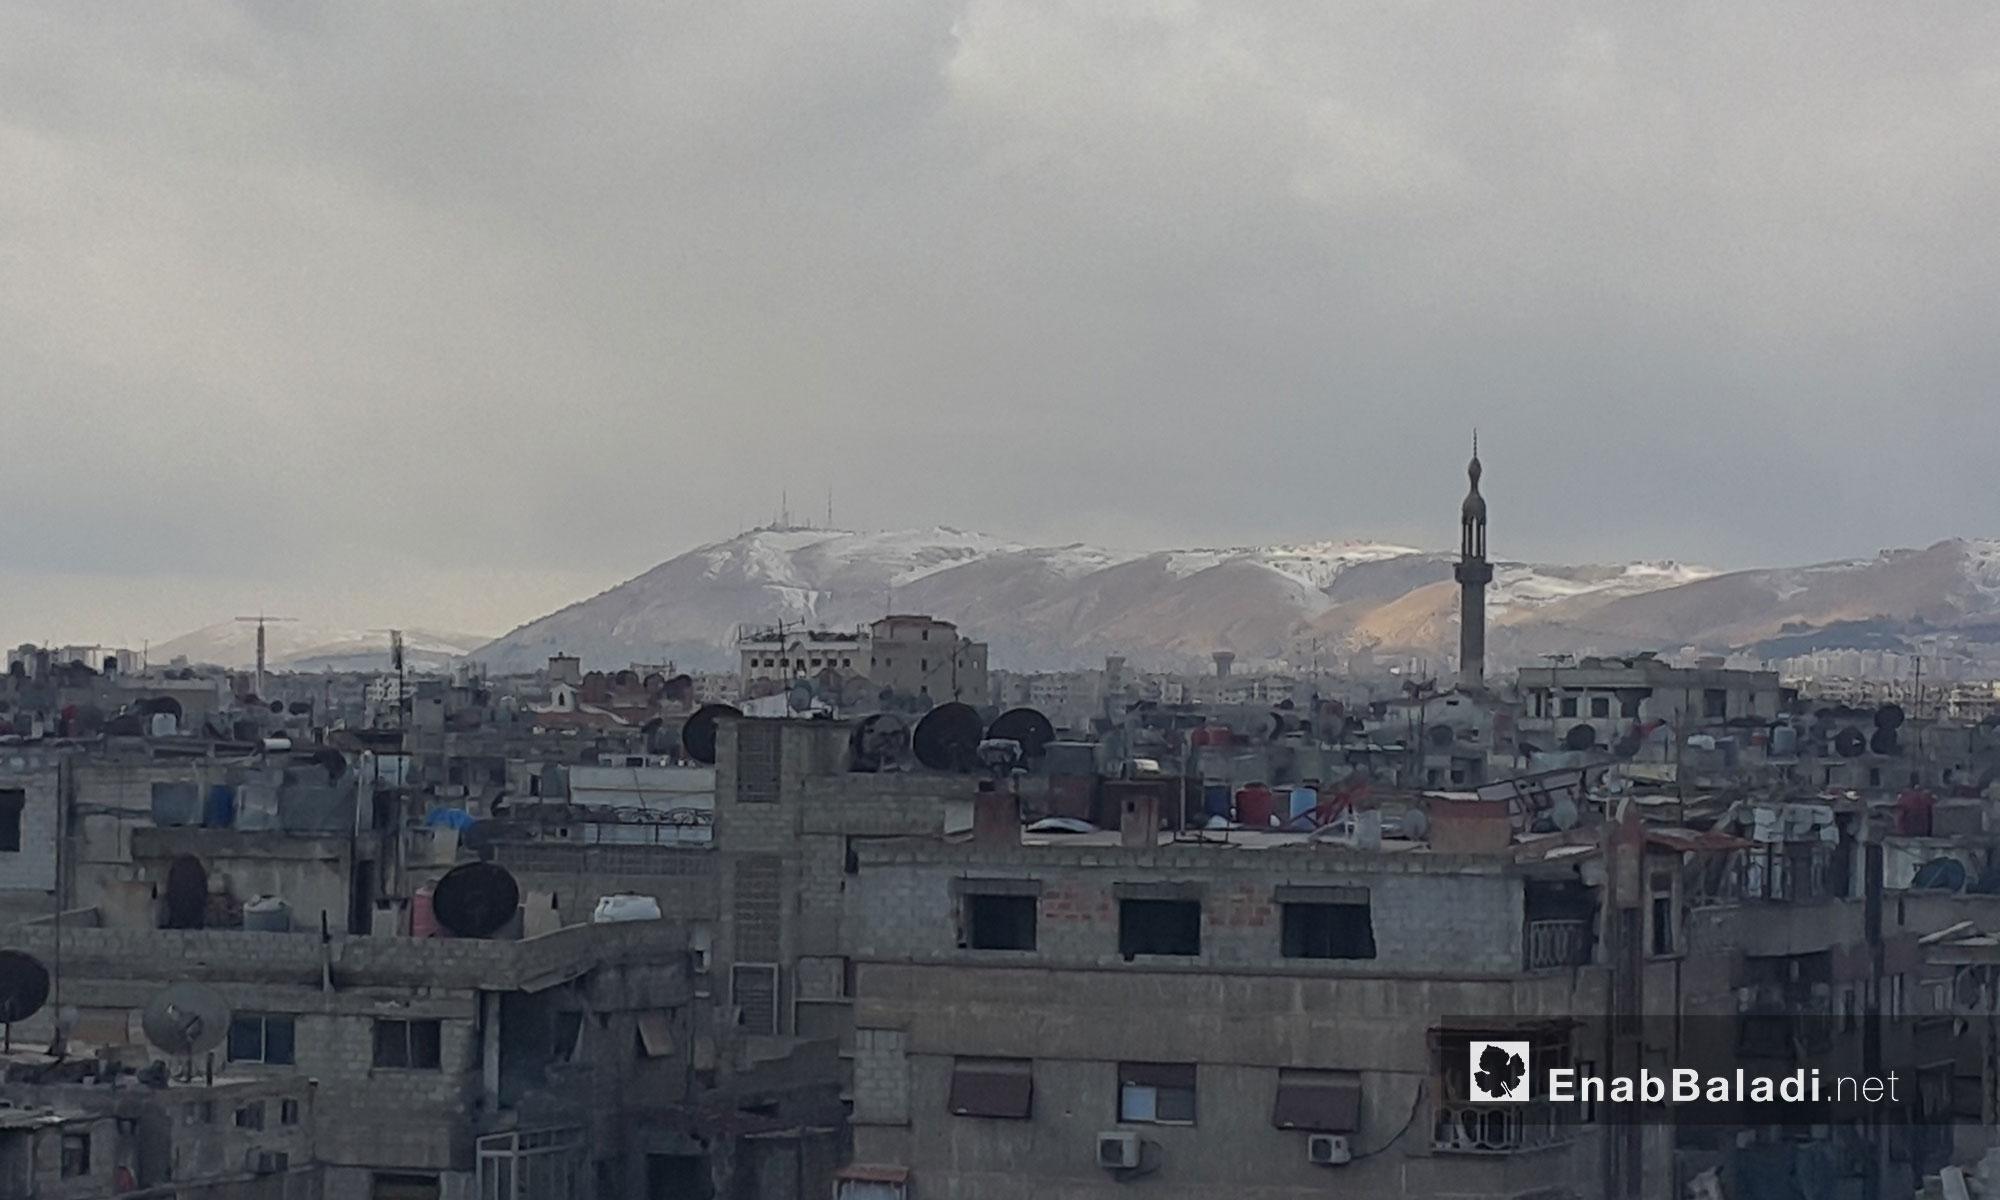 قمة جبل قاسيون  المحيط بالعاصمة دمشق تكسوها الثلوج - 28 كانون الثاني 2017 (عنب بلدي)